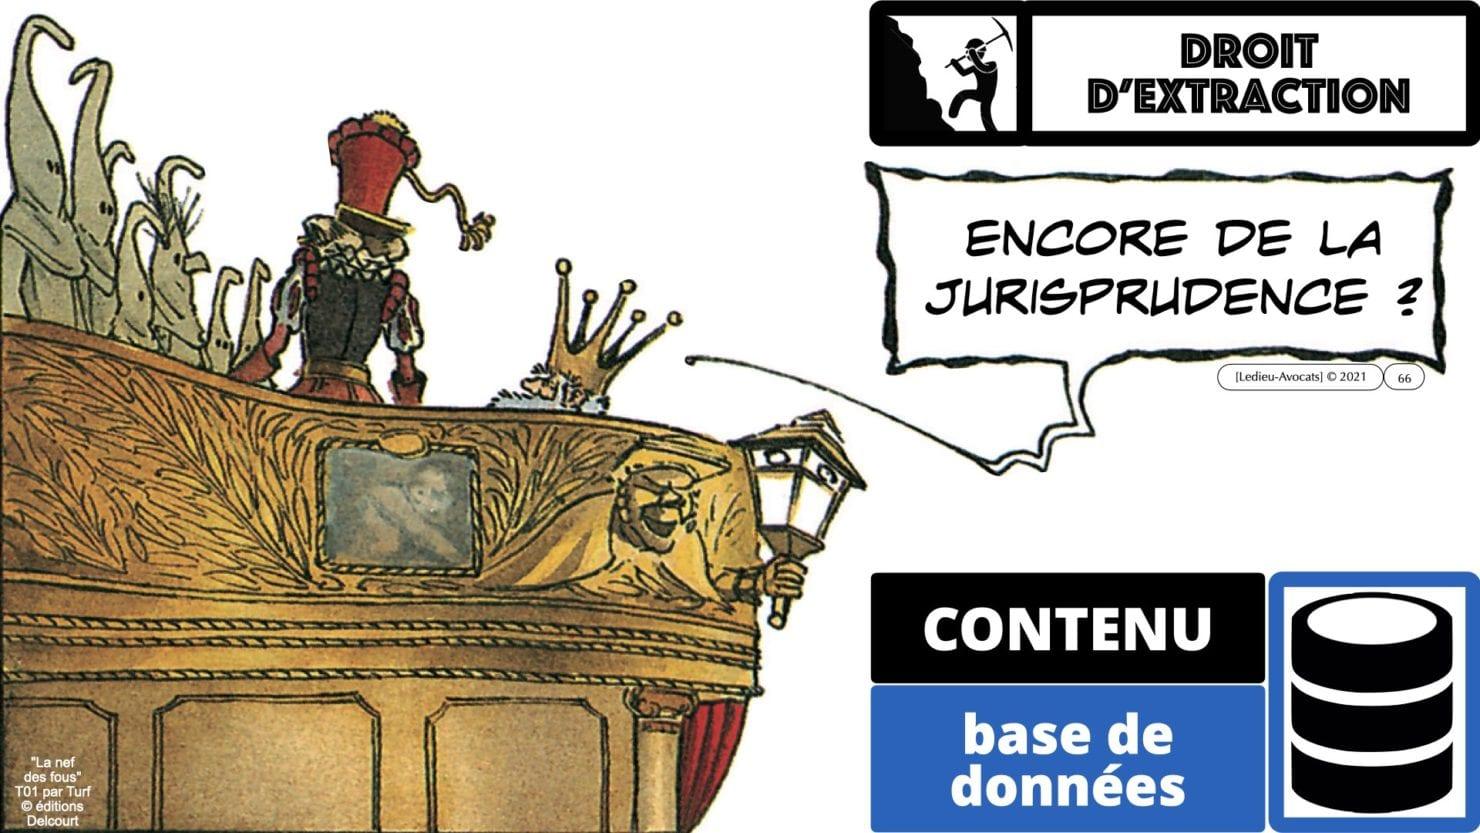 334 extraction indexation BASE DE DONNEES © Ledieu-avocat 24-05-2021.066